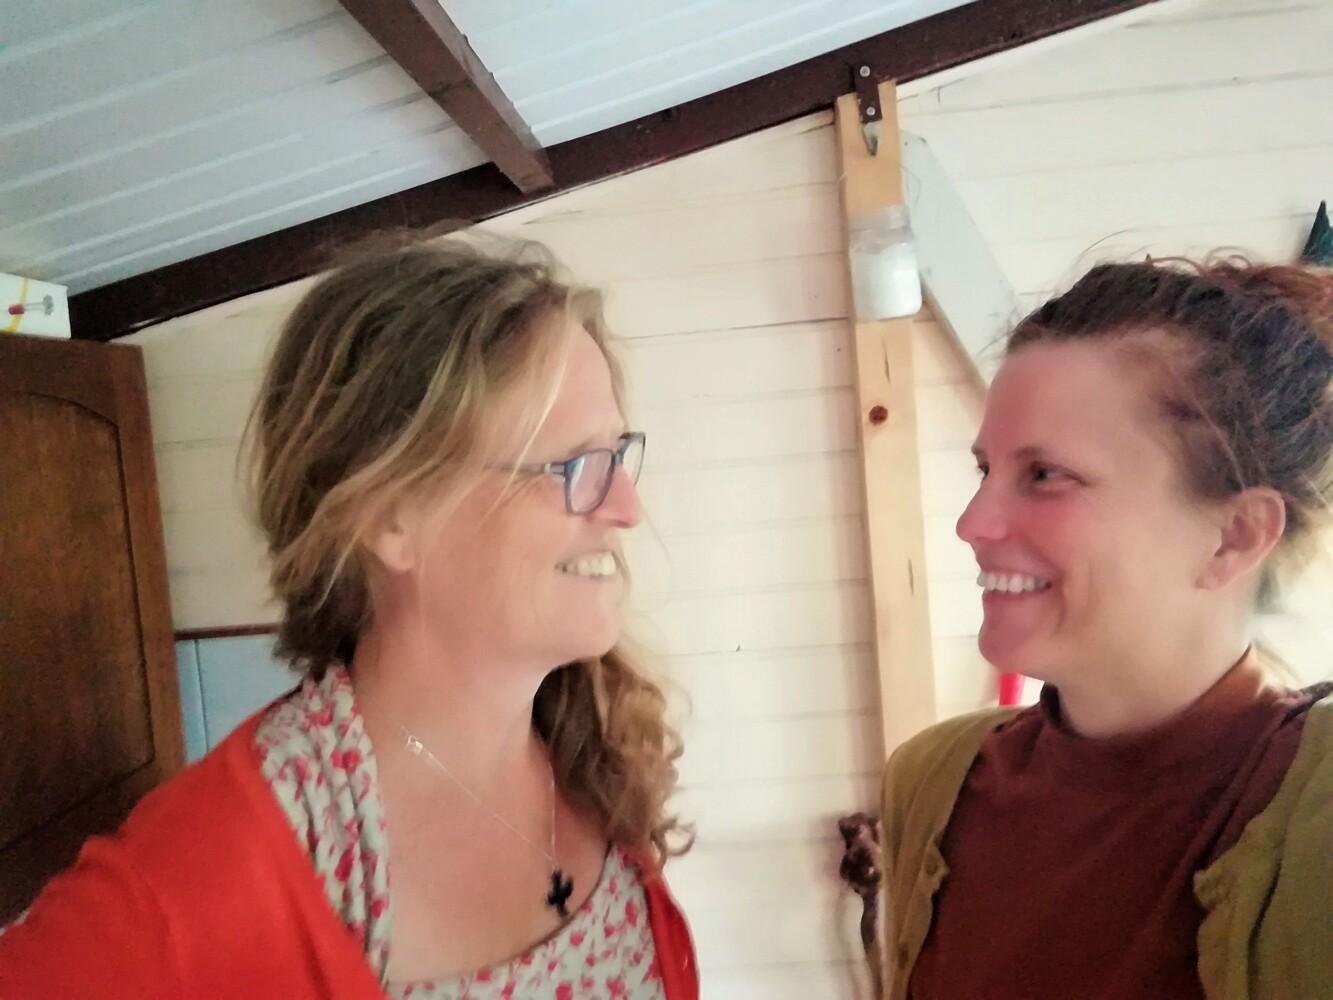 Rebecca zoekt zin: in gesprek met haar zus over eenvoud (+ podcast)